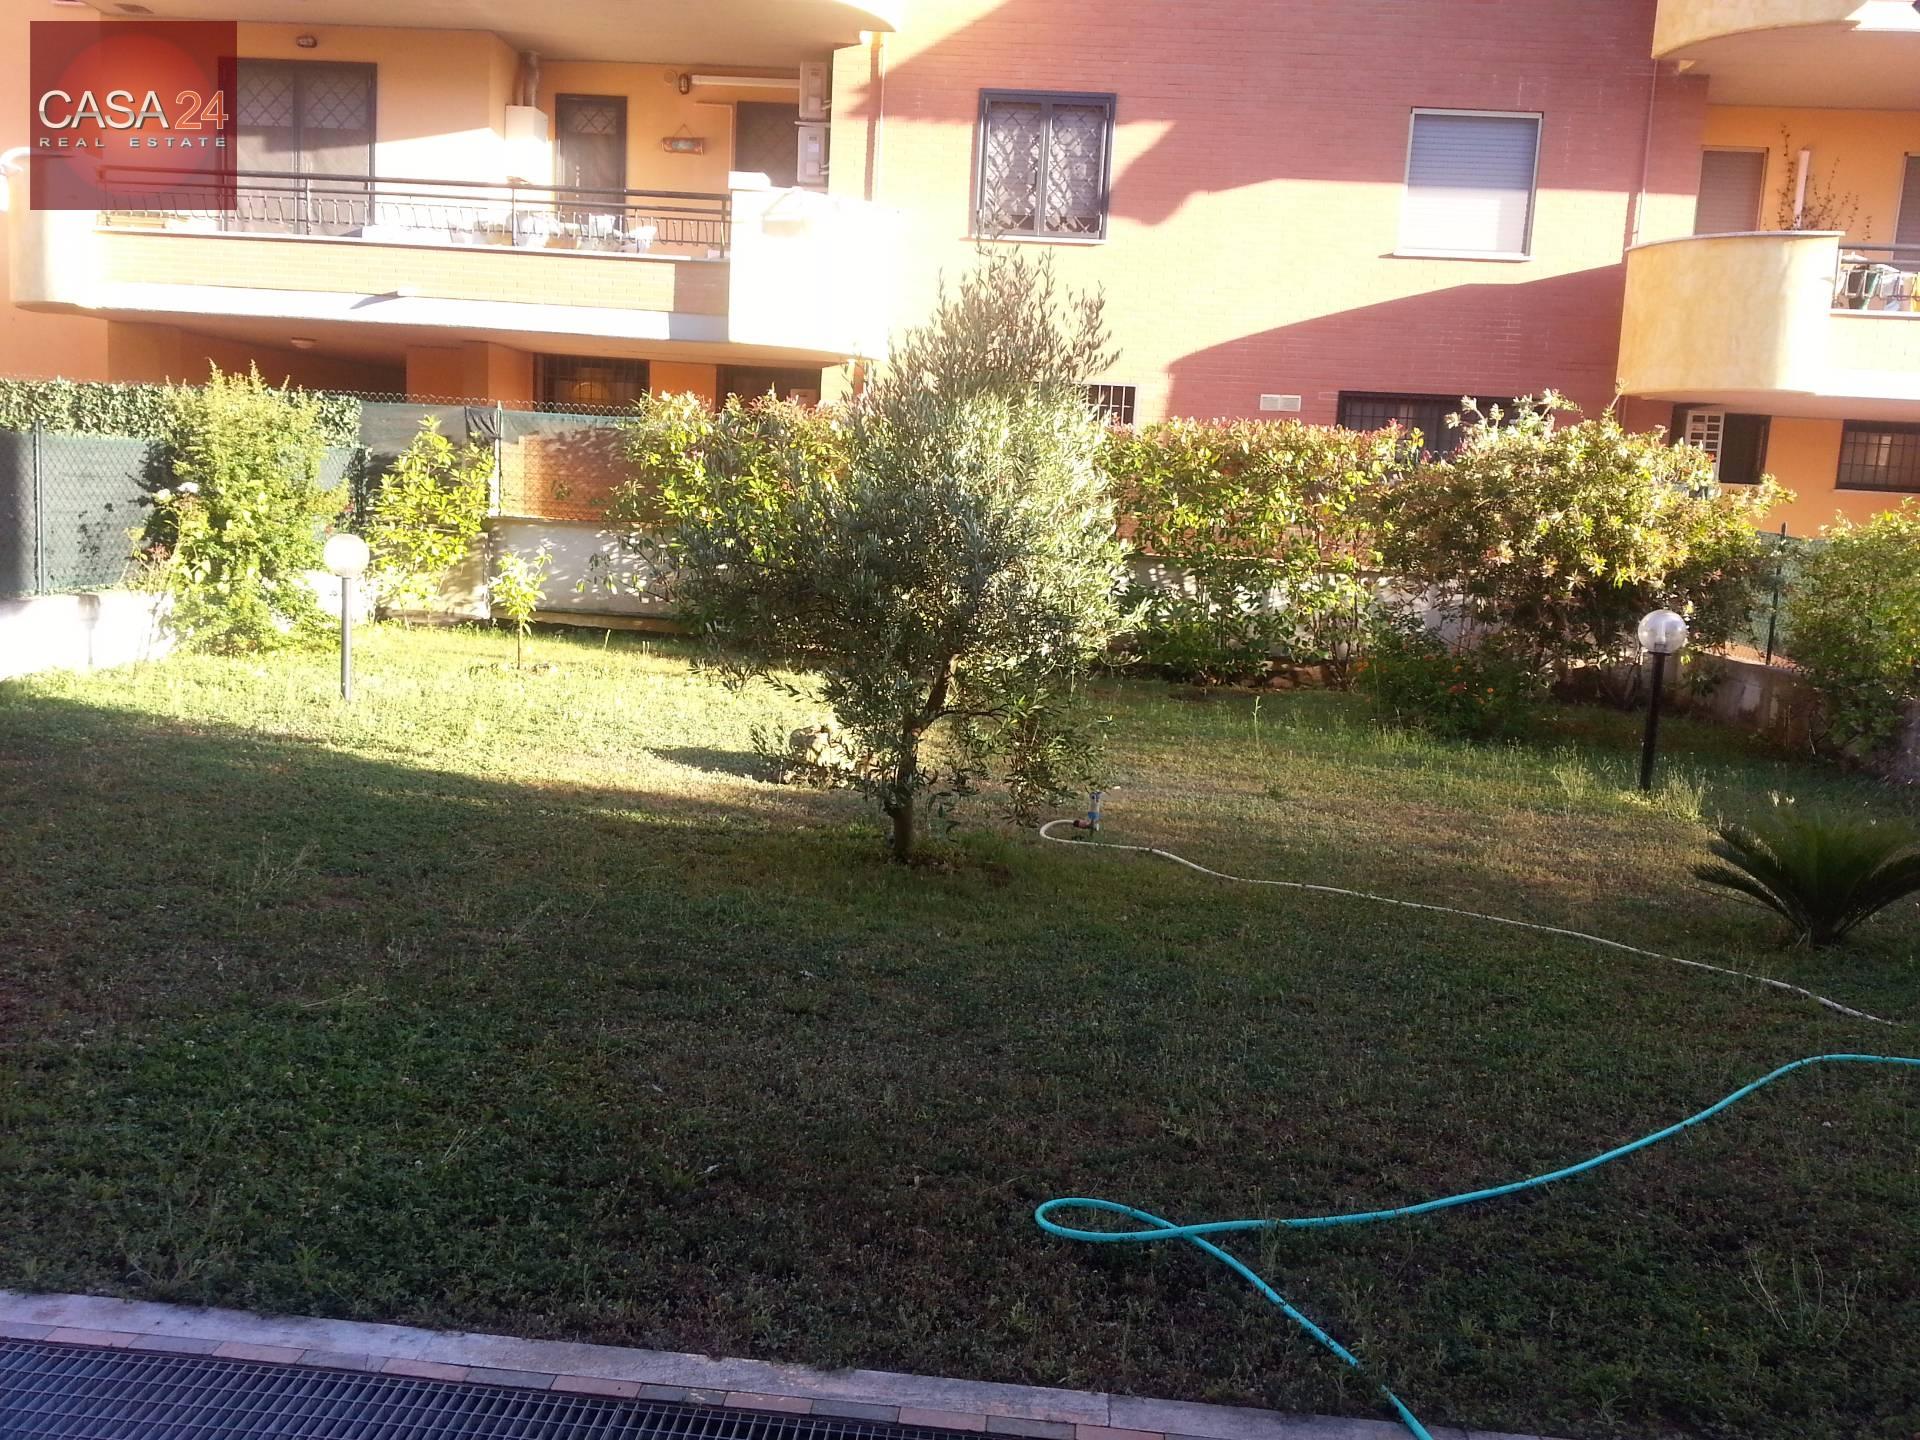 Appartamento in vendita a Latina, 3 locali, zona Località: BorgoBainsizza, prezzo € 119.000 | PortaleAgenzieImmobiliari.it